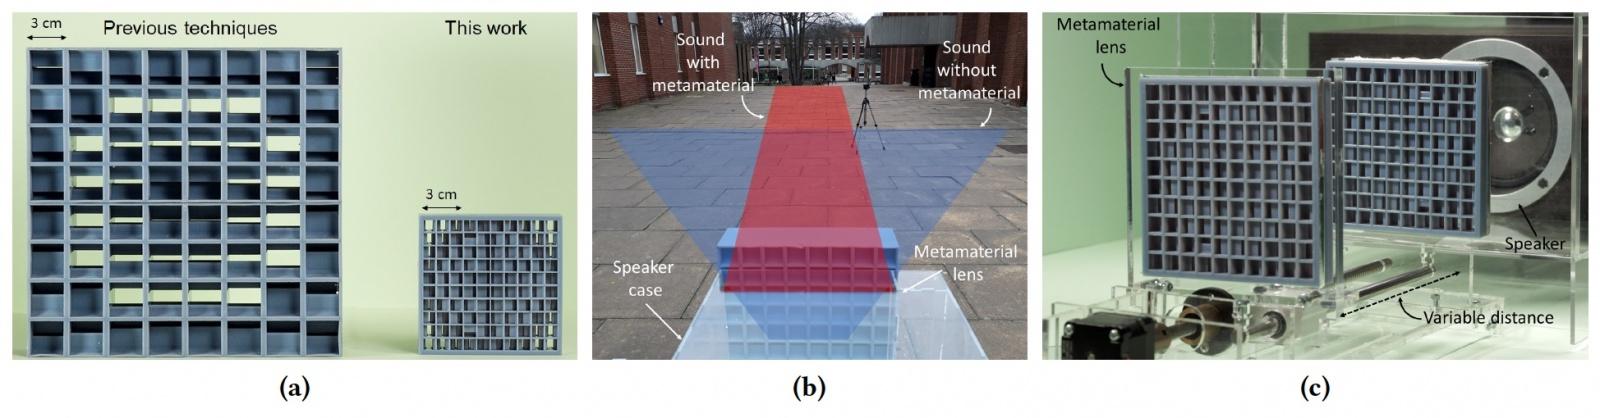 Кастомизация звука: «линзы» из метаматериала для контроля звукового поля - 2